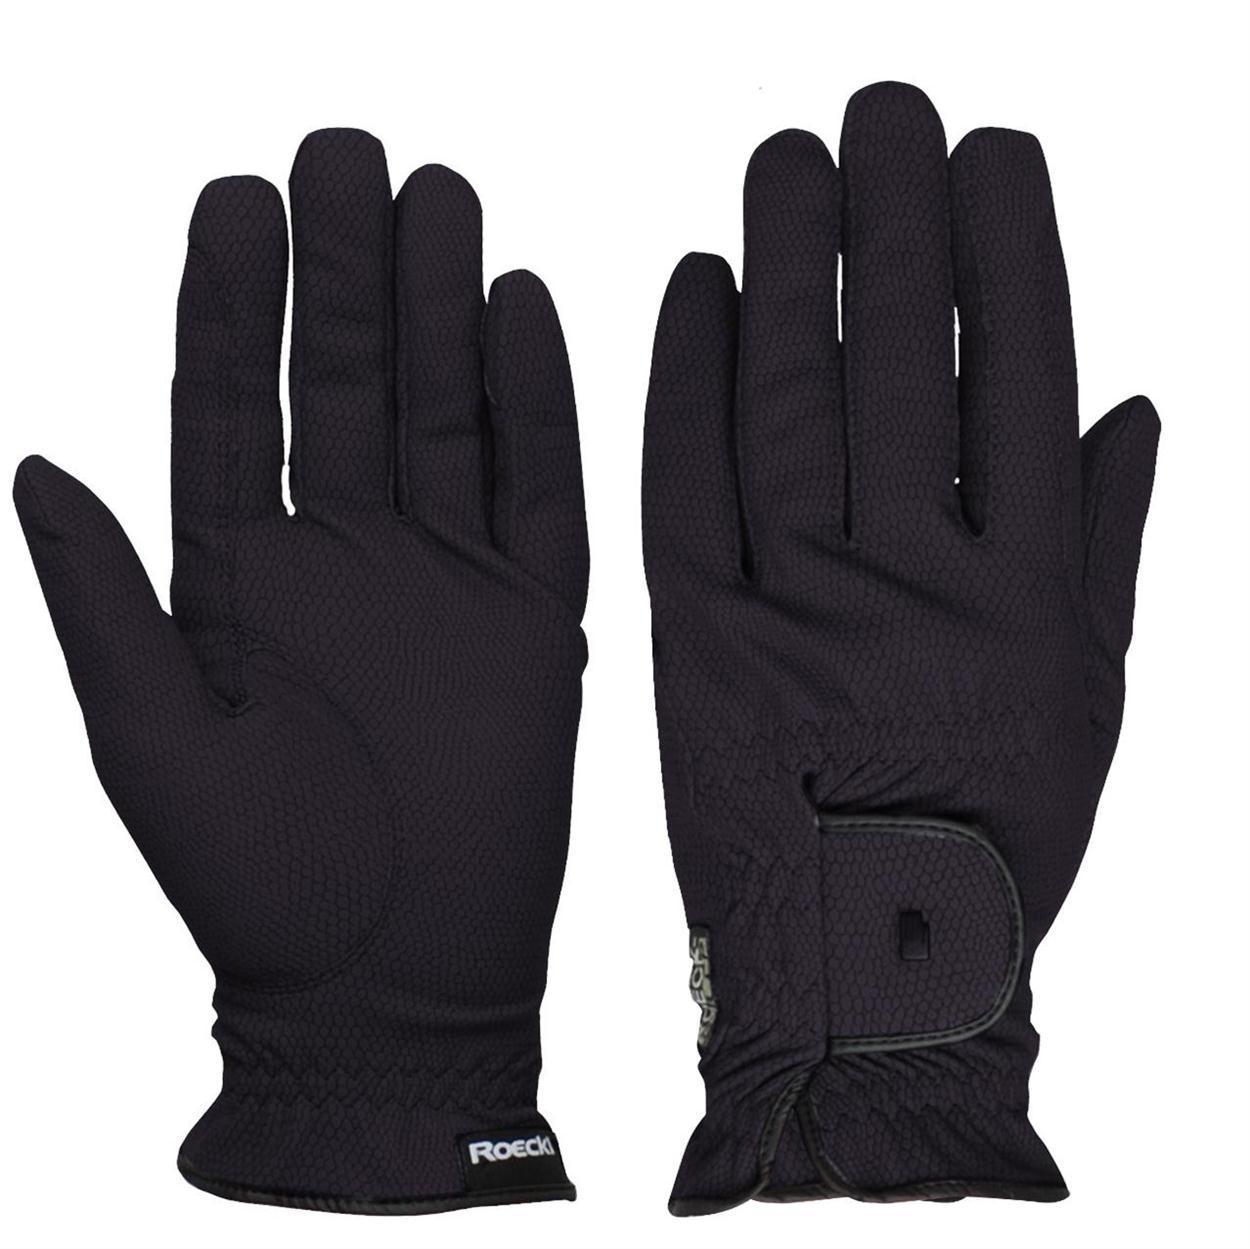 Roeckl Roeck grip Handschoen zwart maat:9,5